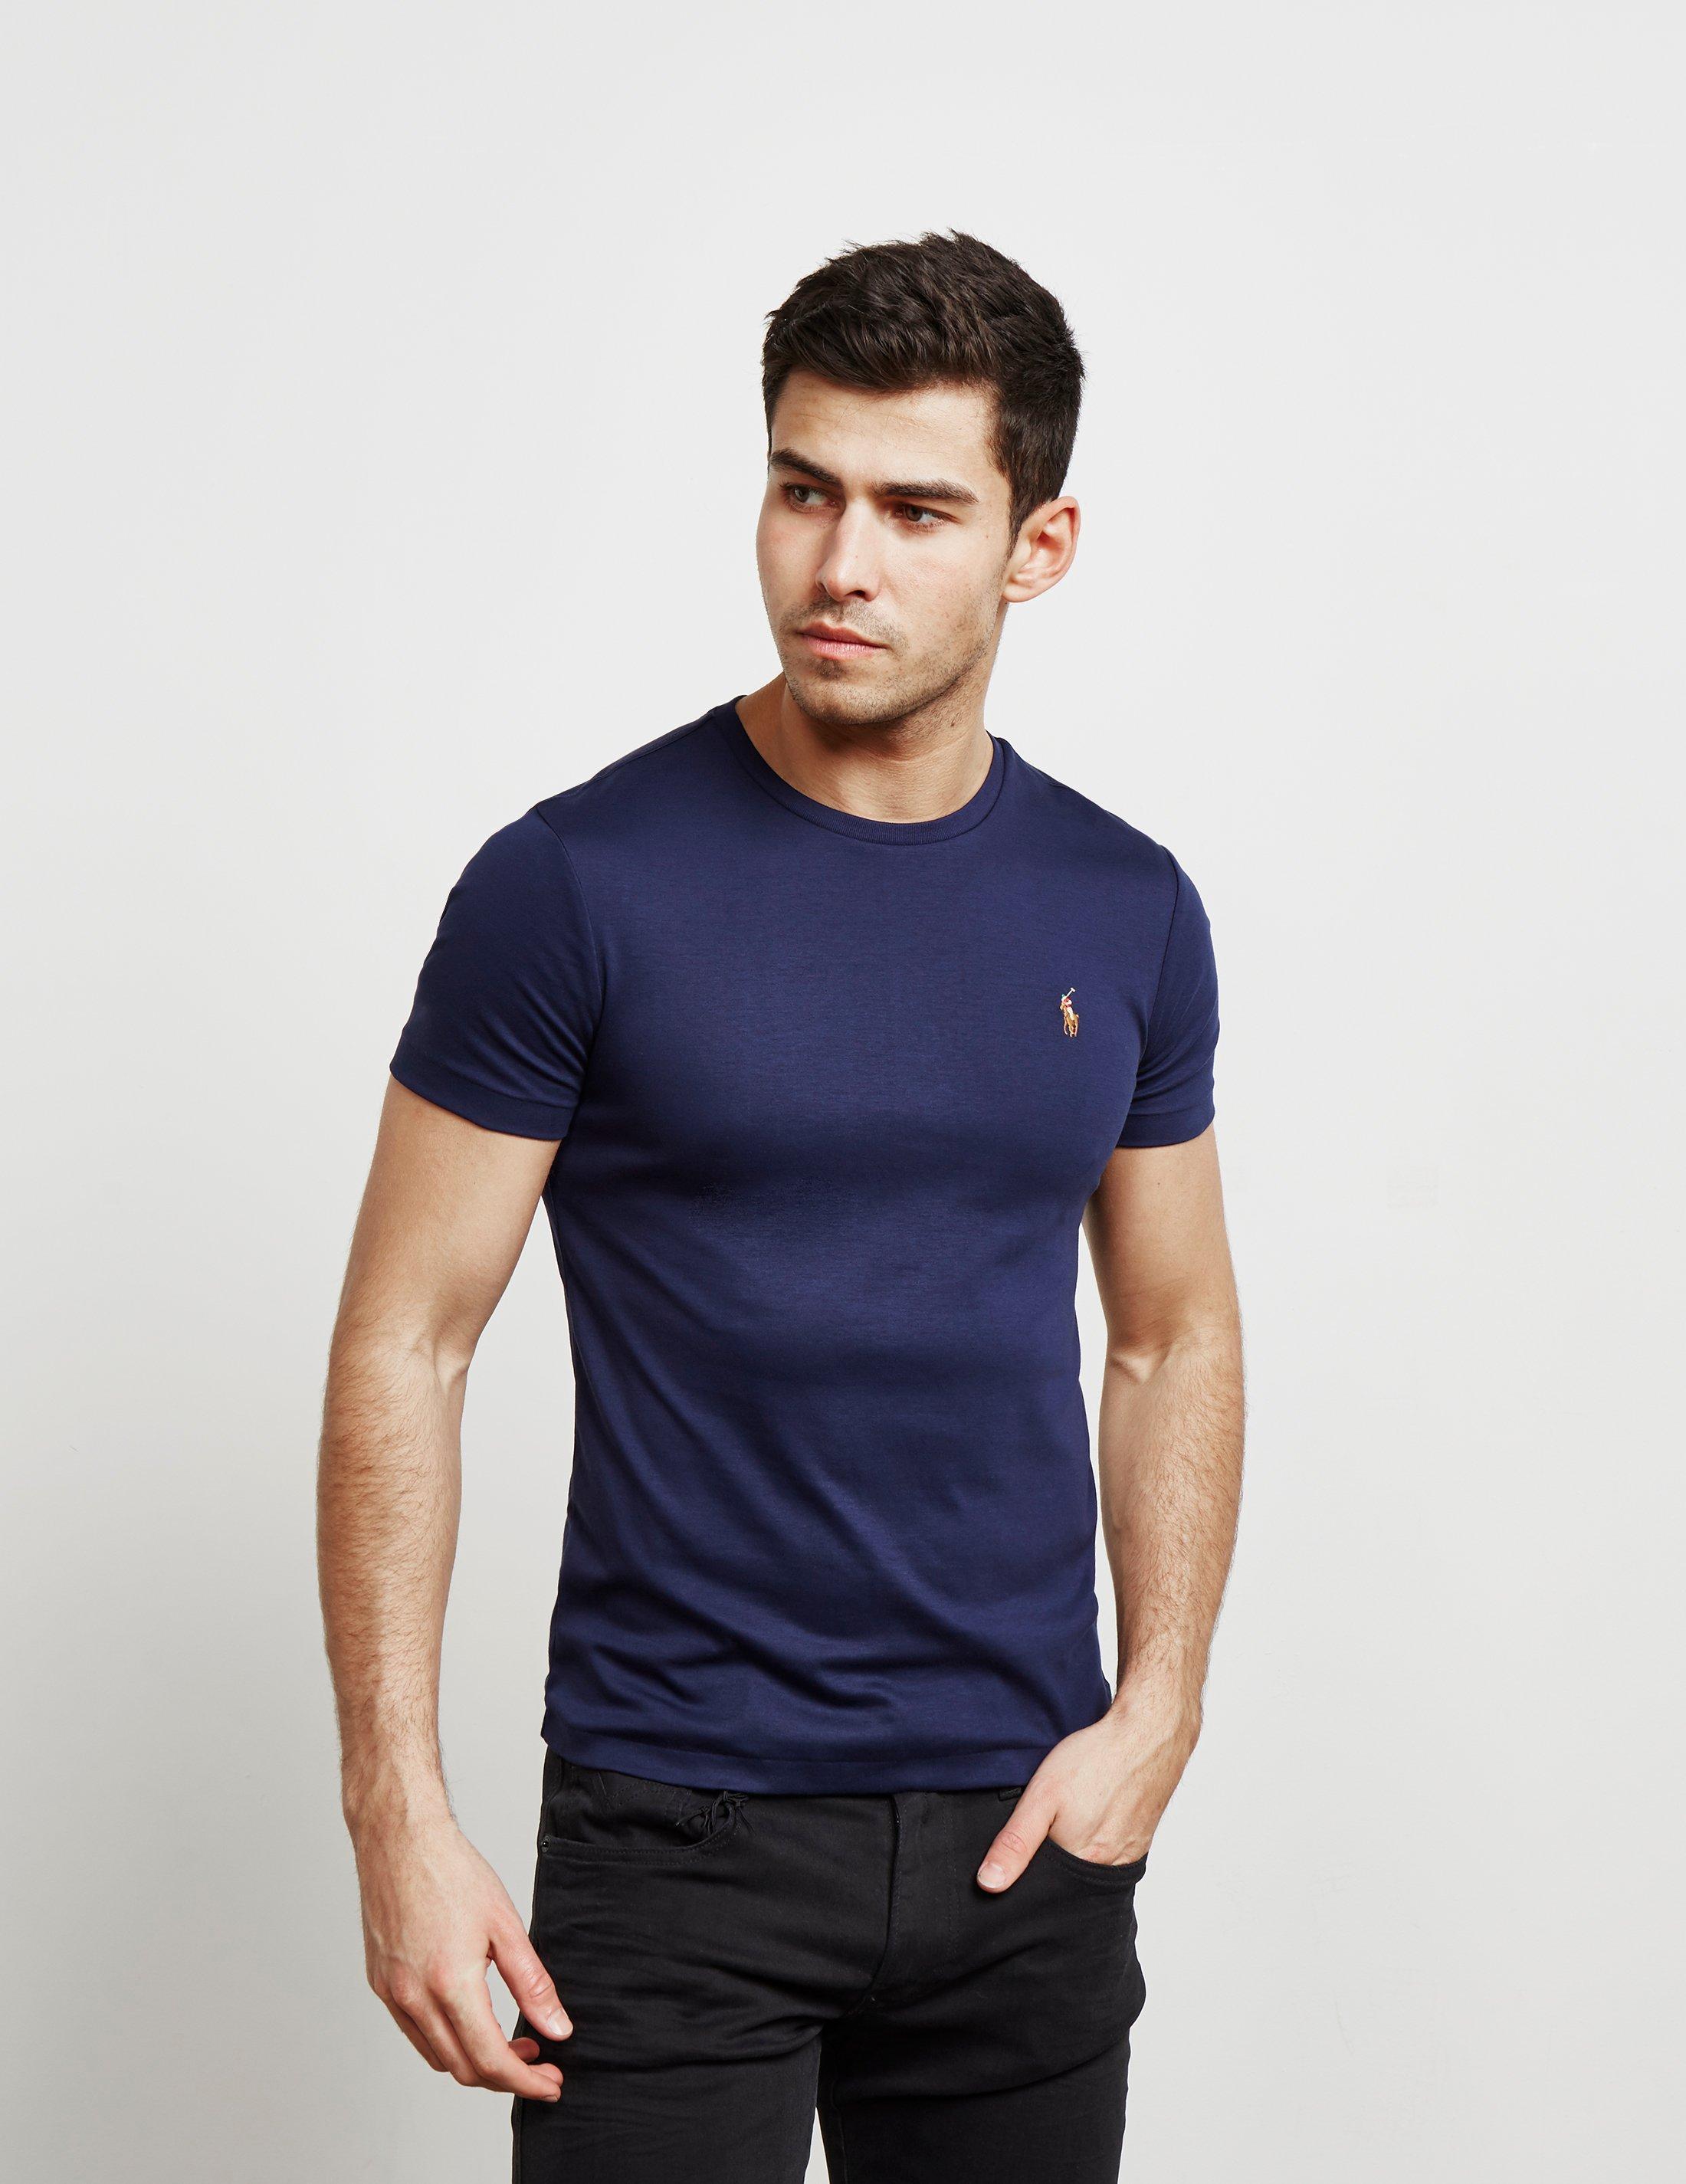 b77e9730 Lyst - Polo Ralph Lauren Mens Pima Short Sleeve T-shirt Navy Blue in ...